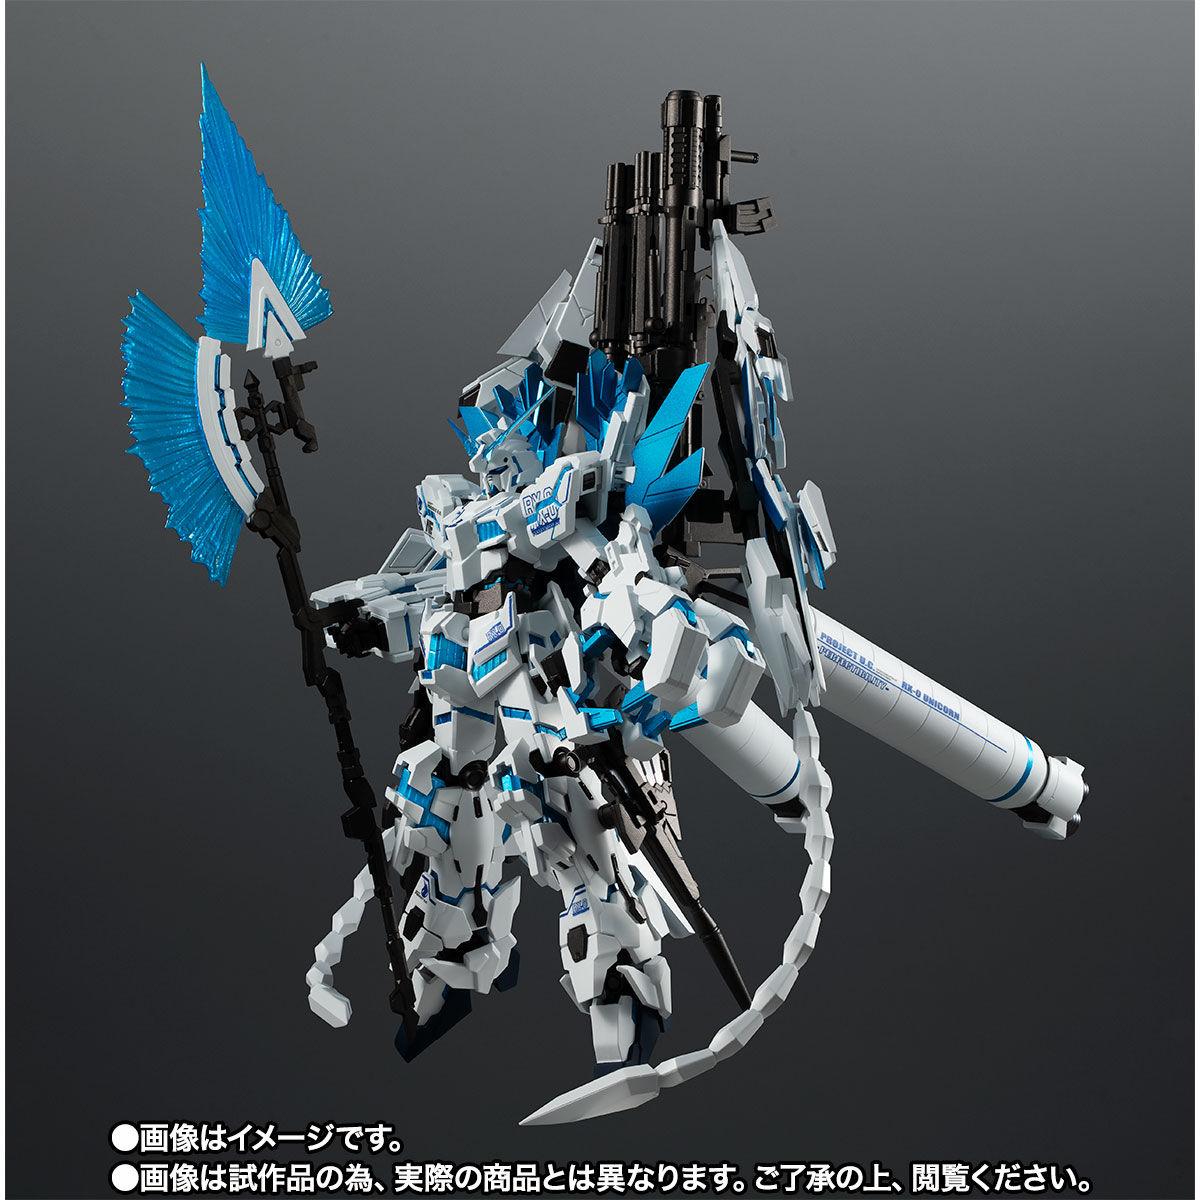 【限定販売】ROBOT魂〈SIDE MS〉『ユニコーンガンダム ペルフェクティビリティ・ディバイン』ガンダムUC 可動フィギュア-002